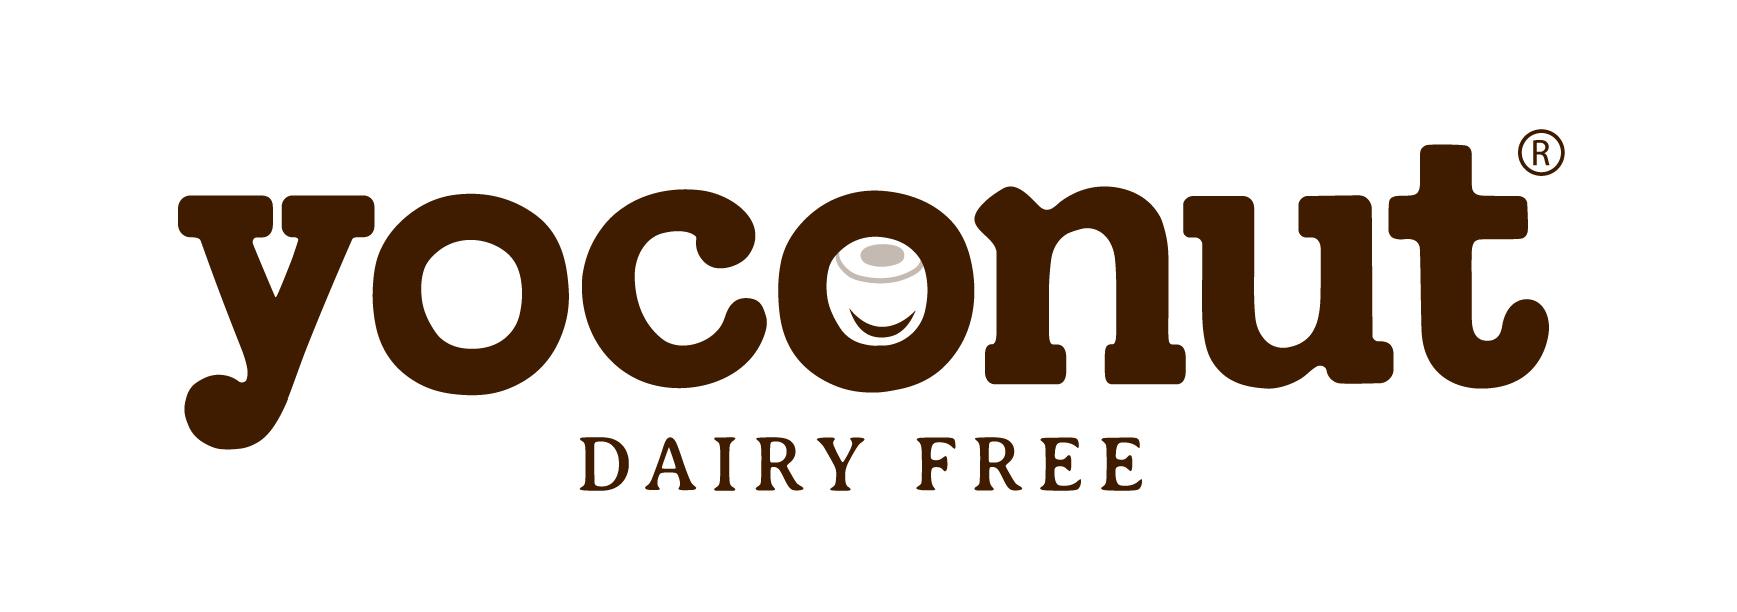 YoconutDF Logo - Transparent background